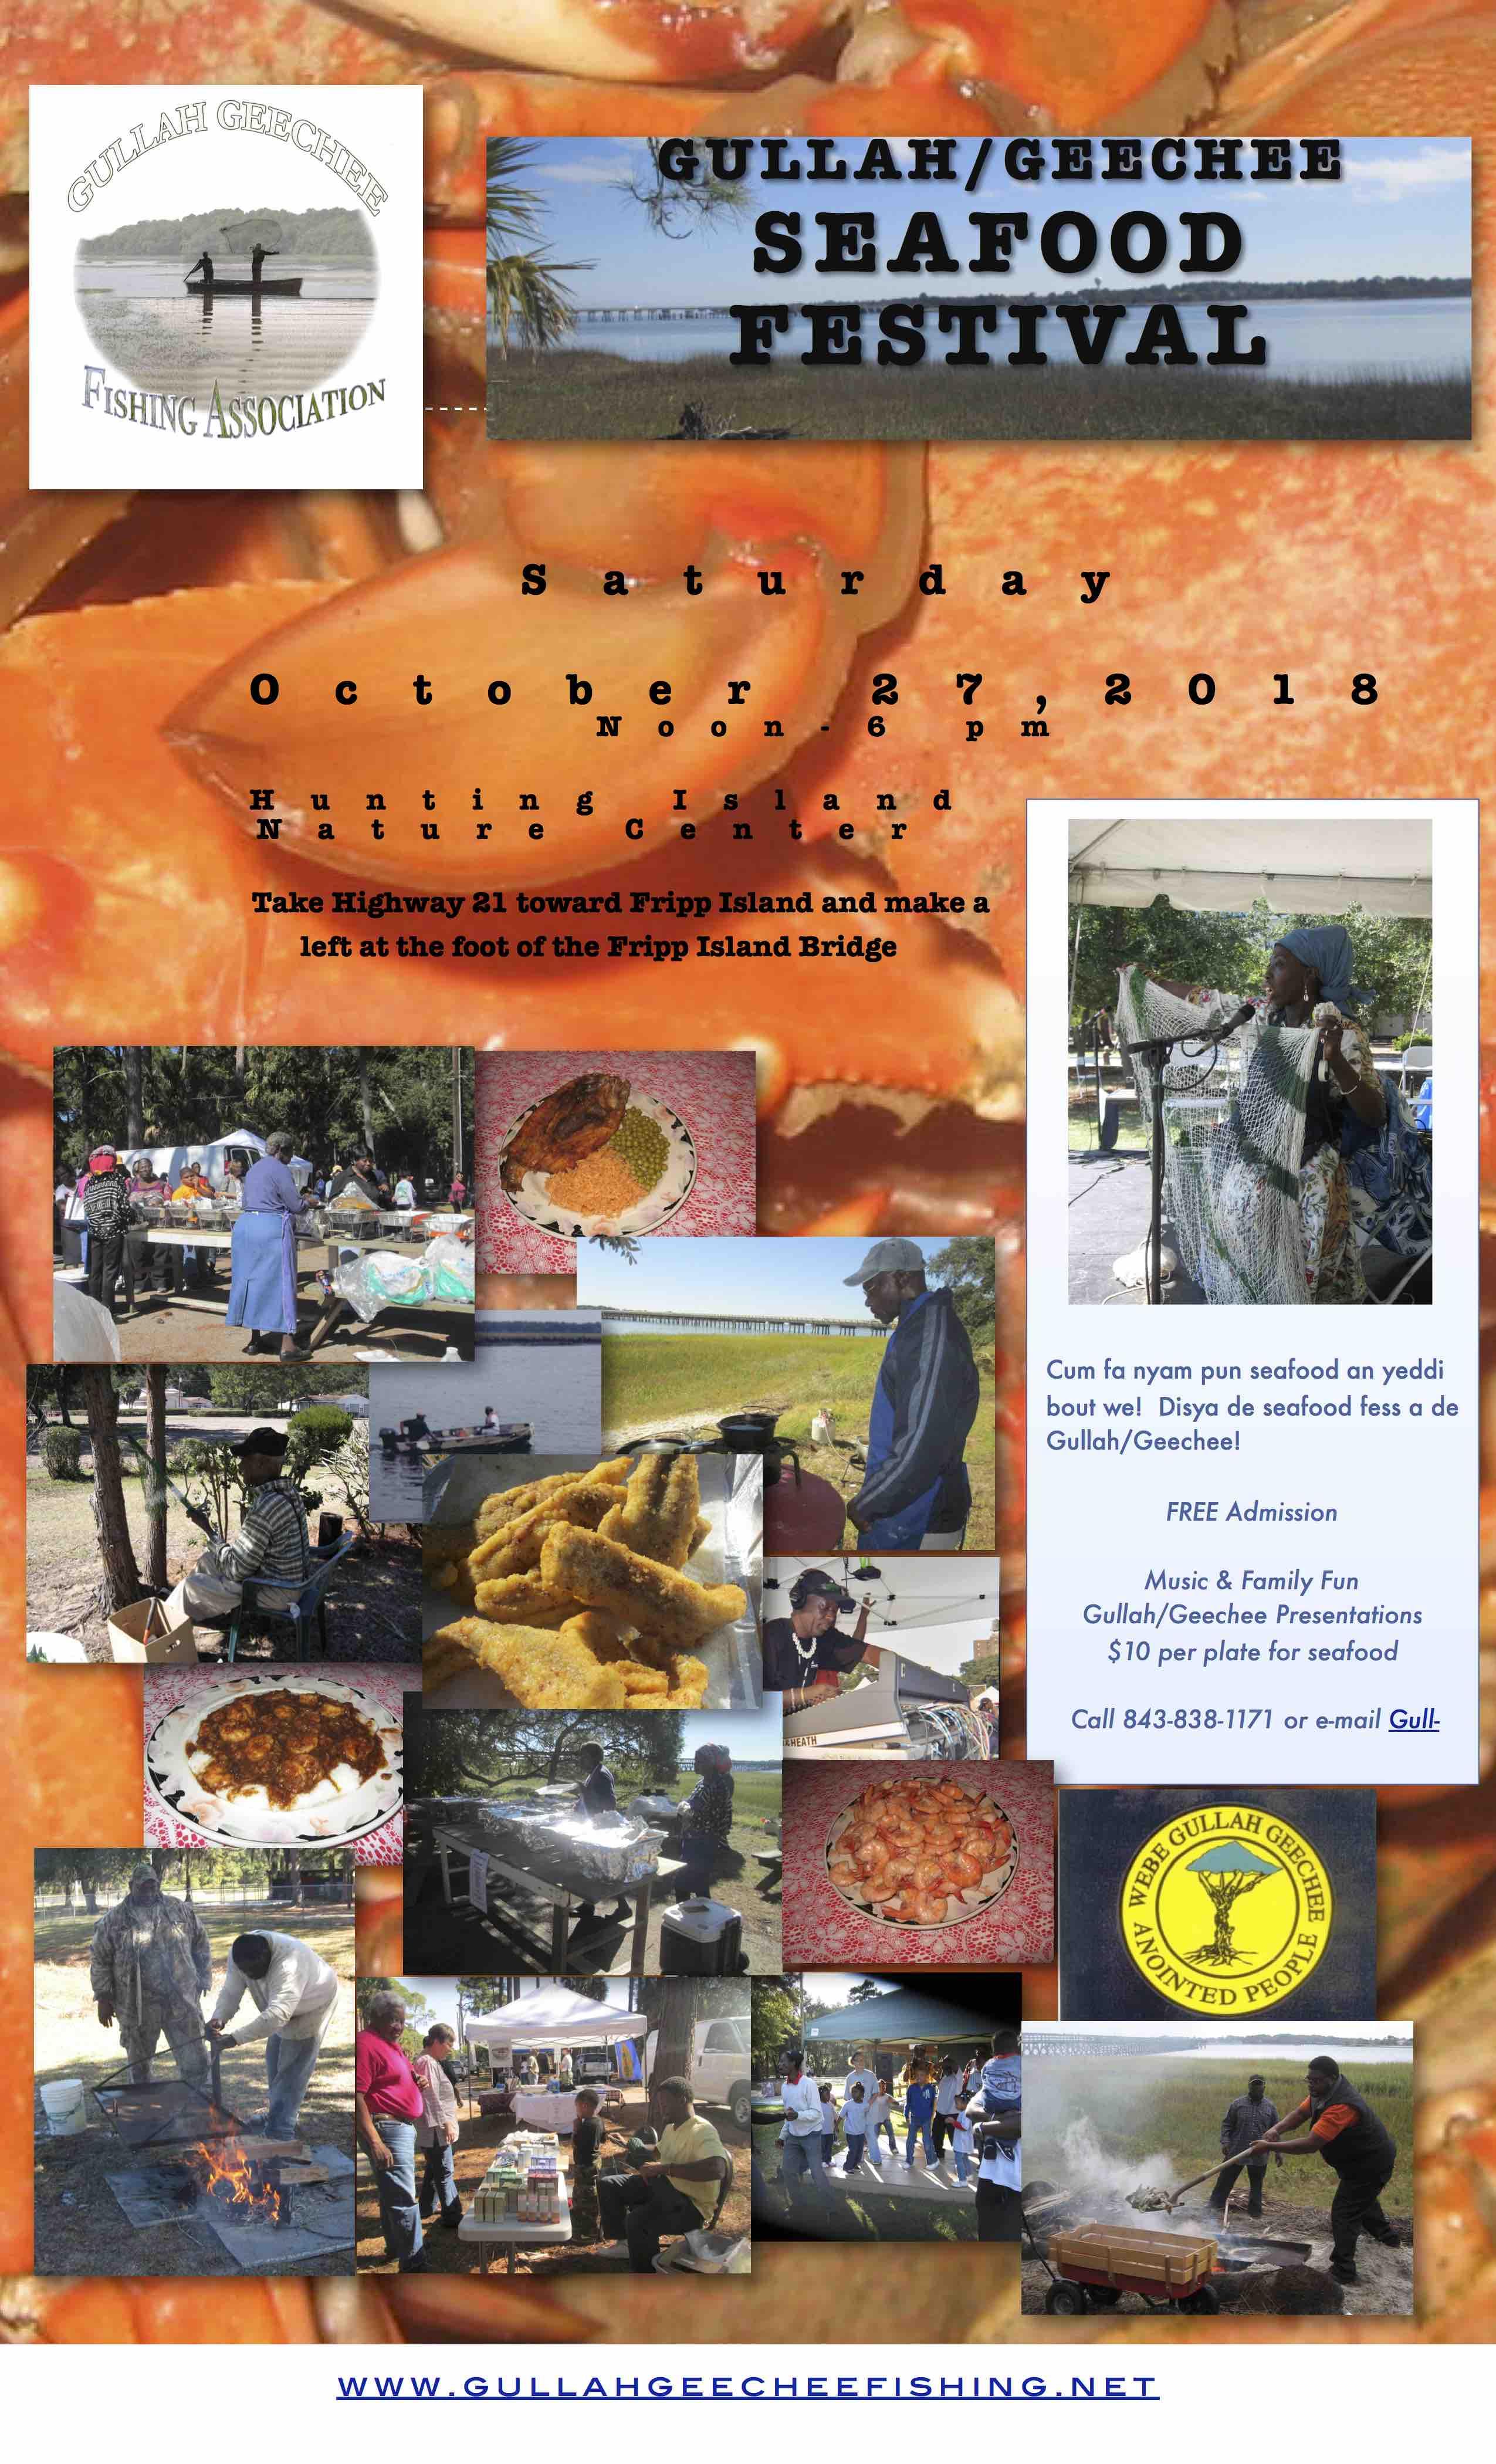 Gullah/Geechee Seafood Festival 2018 Flyer